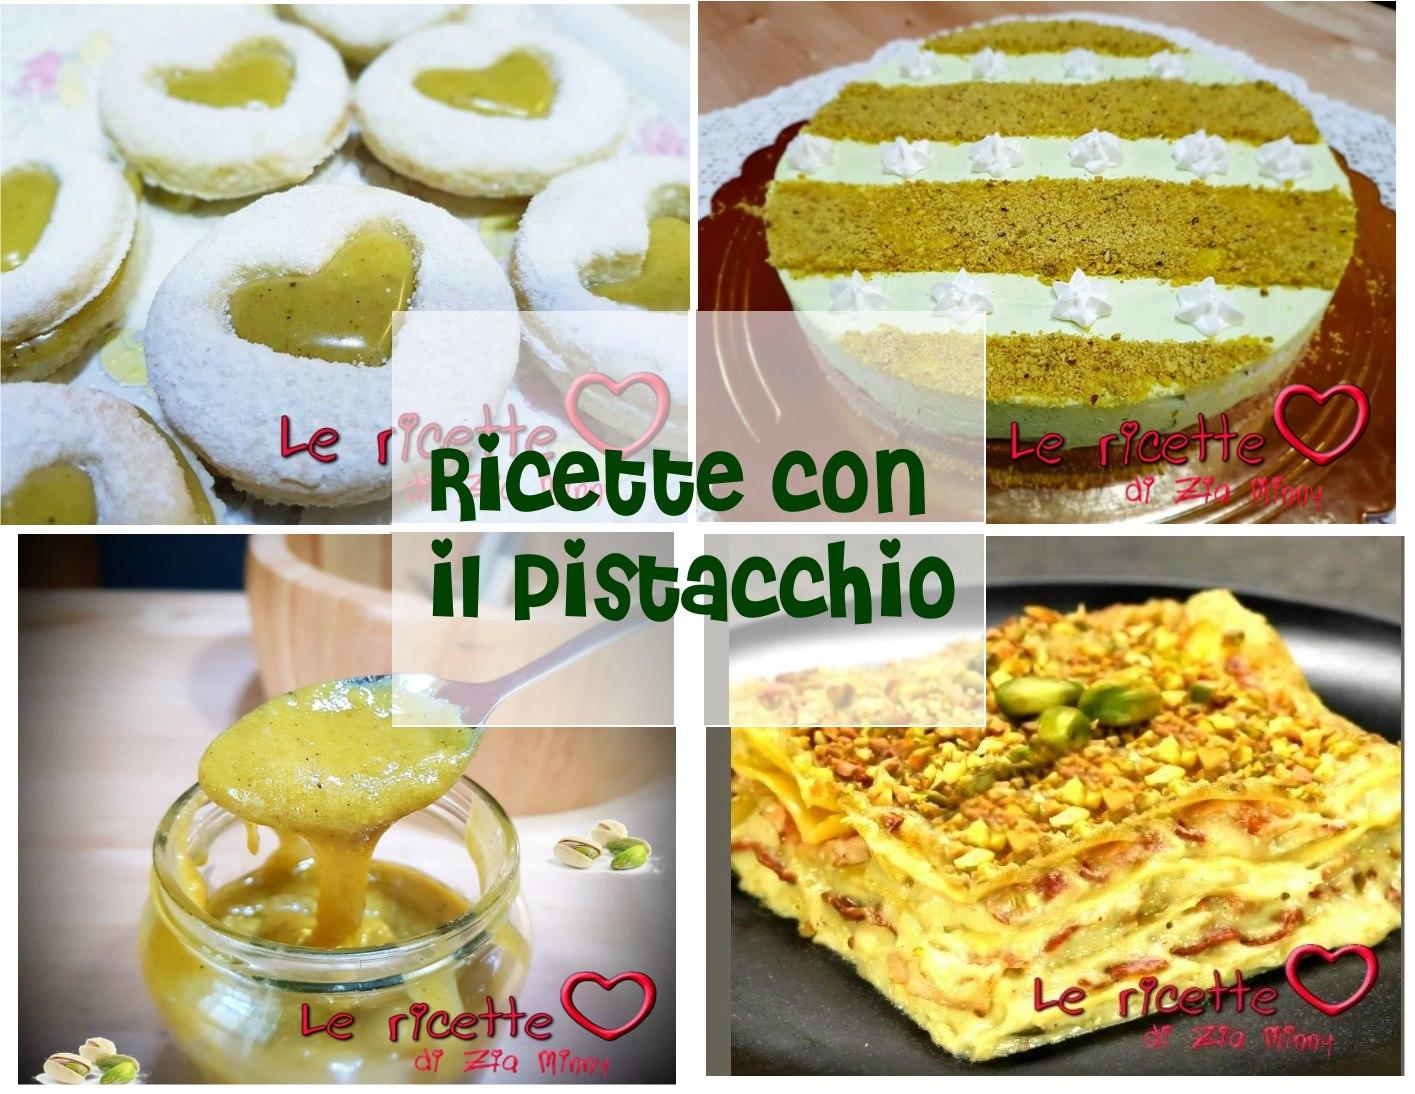 RICETTE CON IL PISTACCHIO